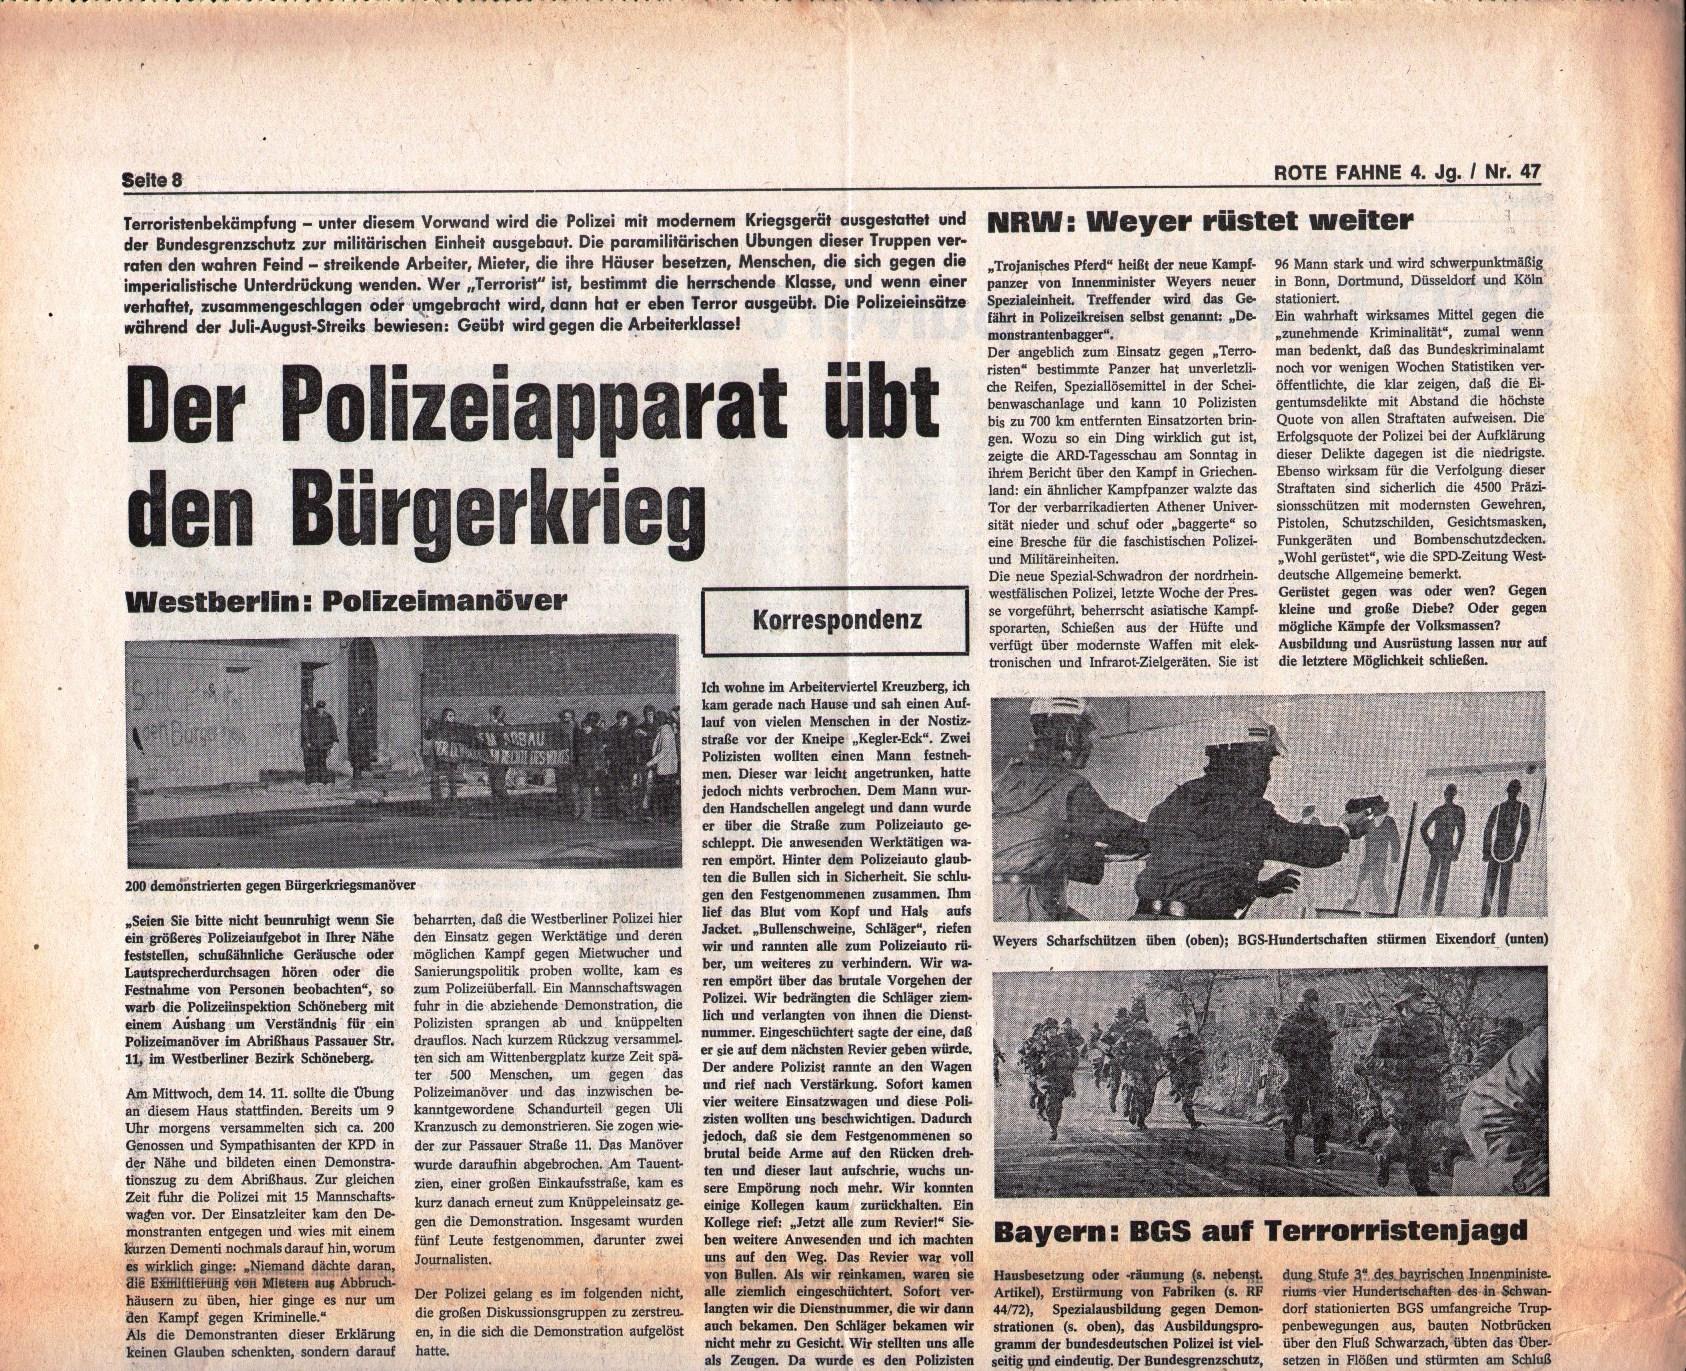 KPD_Rote_Fahne_1973_47_15